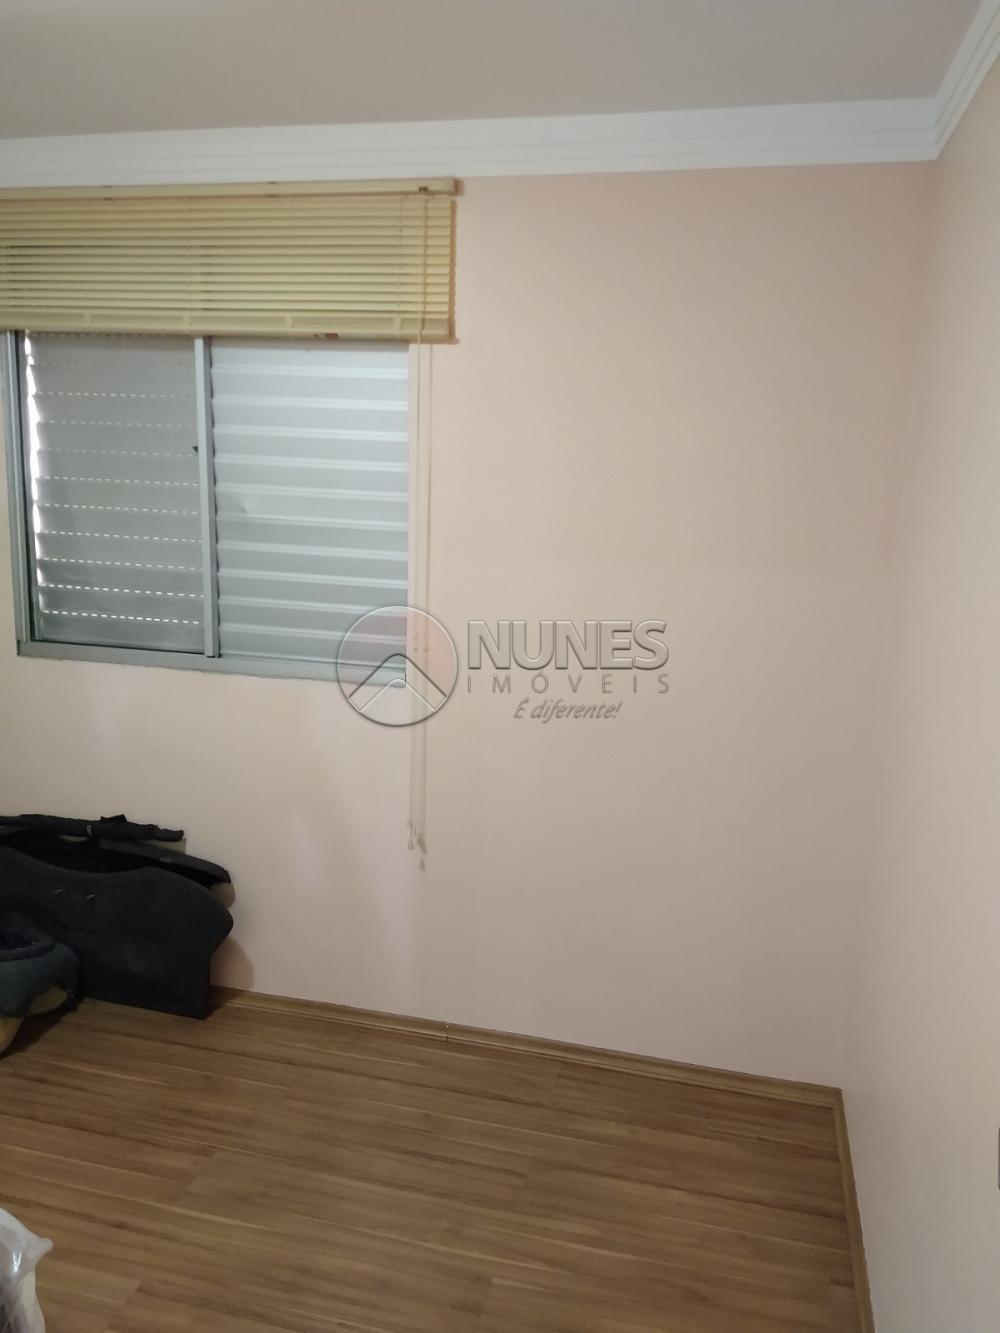 Comprar Apartamento / Padrão em Osasco apenas R$ 190.000,00 - Foto 10